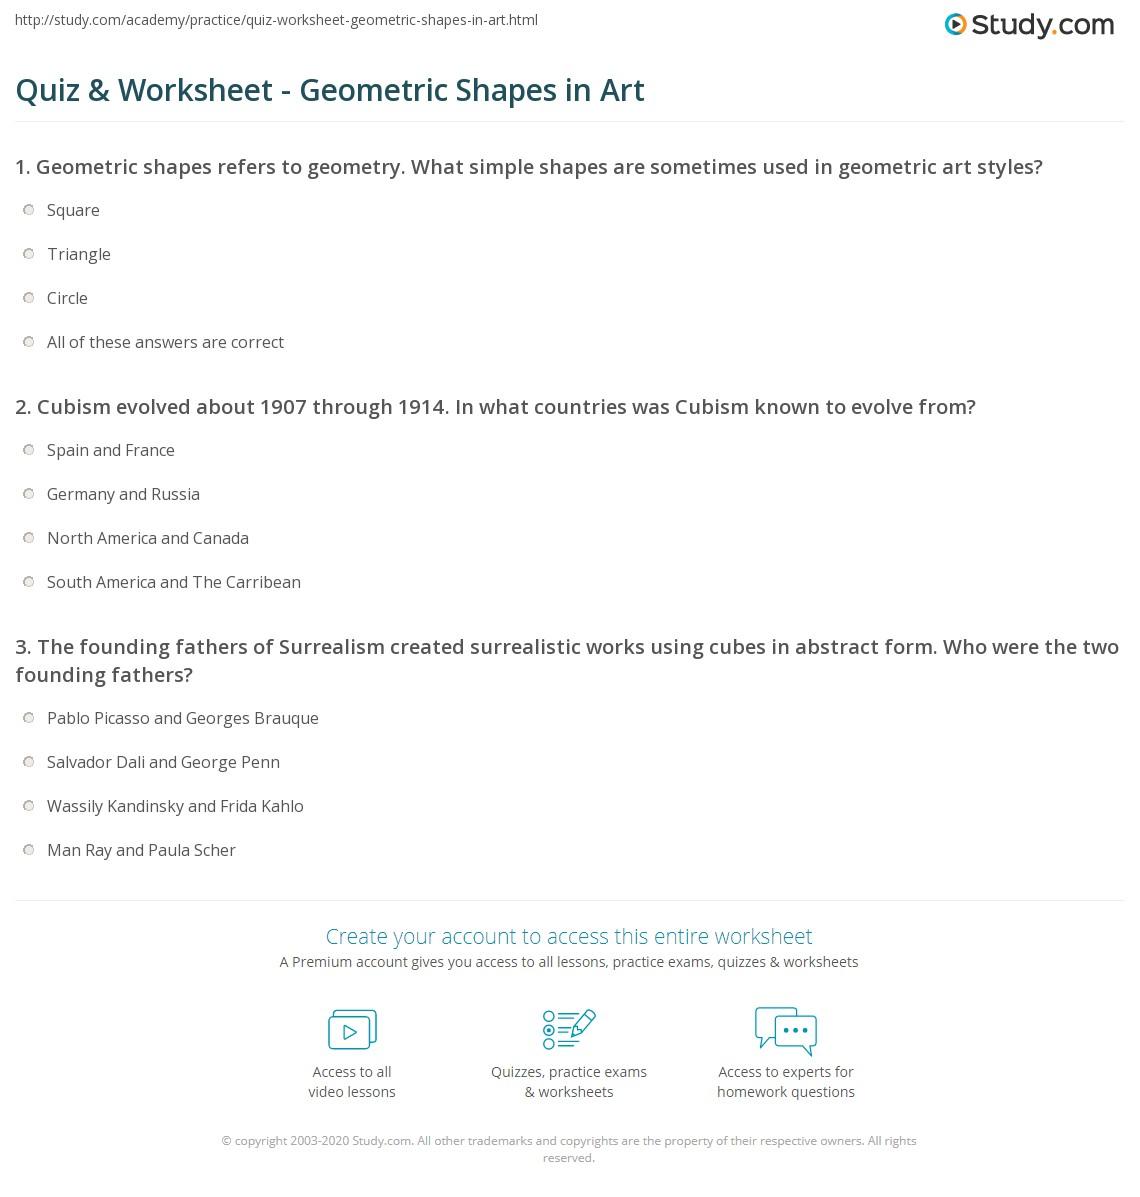 Geometric Shapes Worksheet Anwers